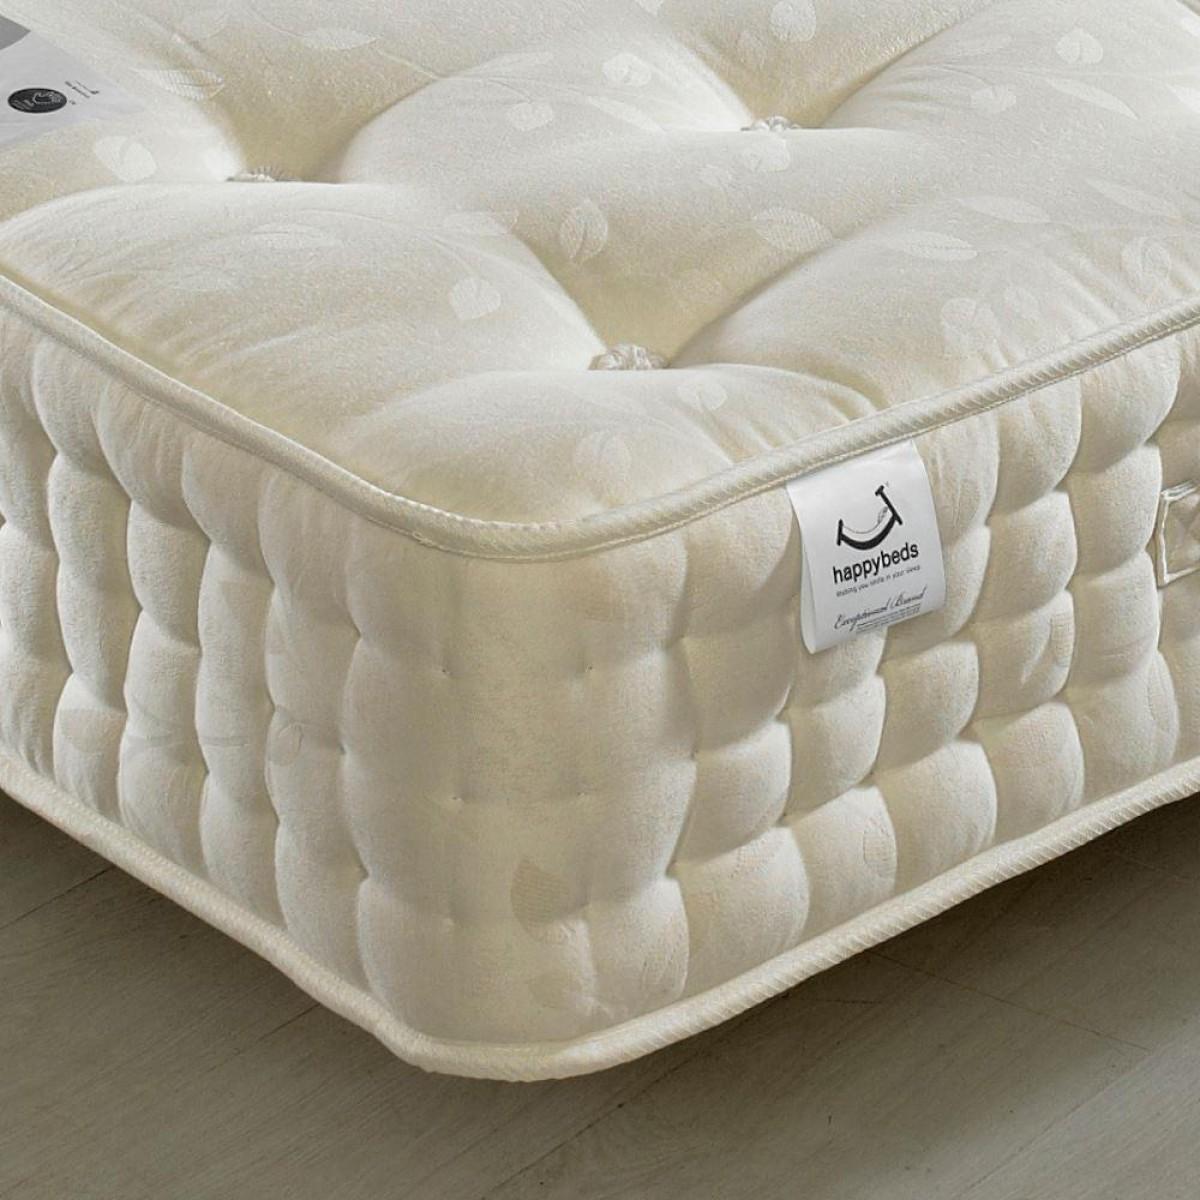 ambassador 3000 pocket sprung orthopaedic natural fillings. Black Bedroom Furniture Sets. Home Design Ideas